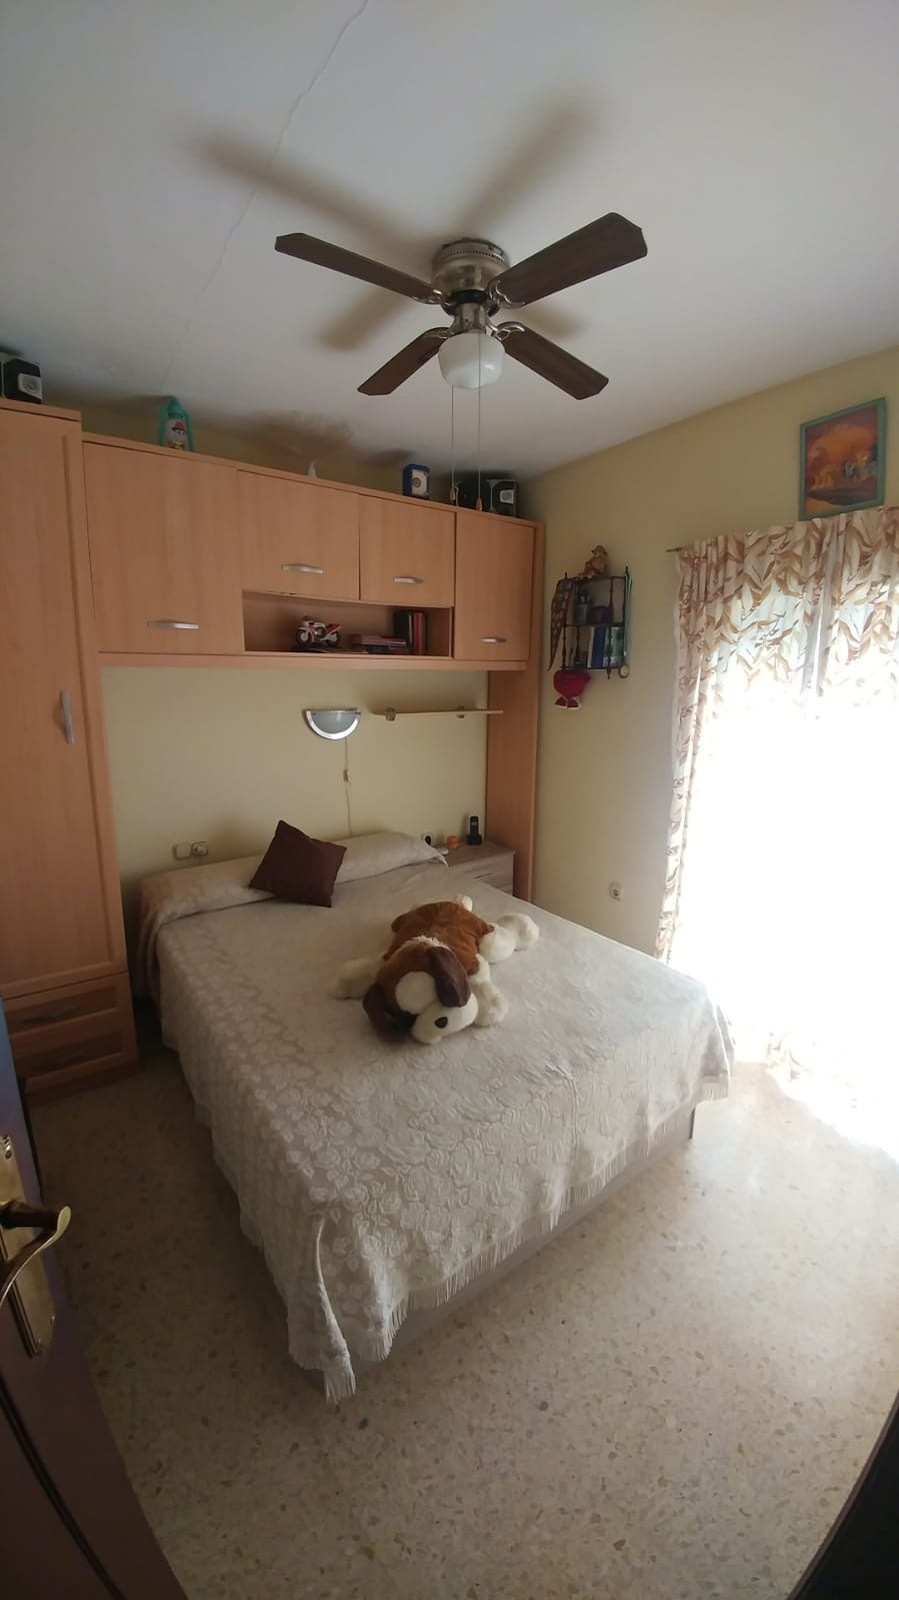 Unifamiliar con 2 Dormitorios en Venta La Cala